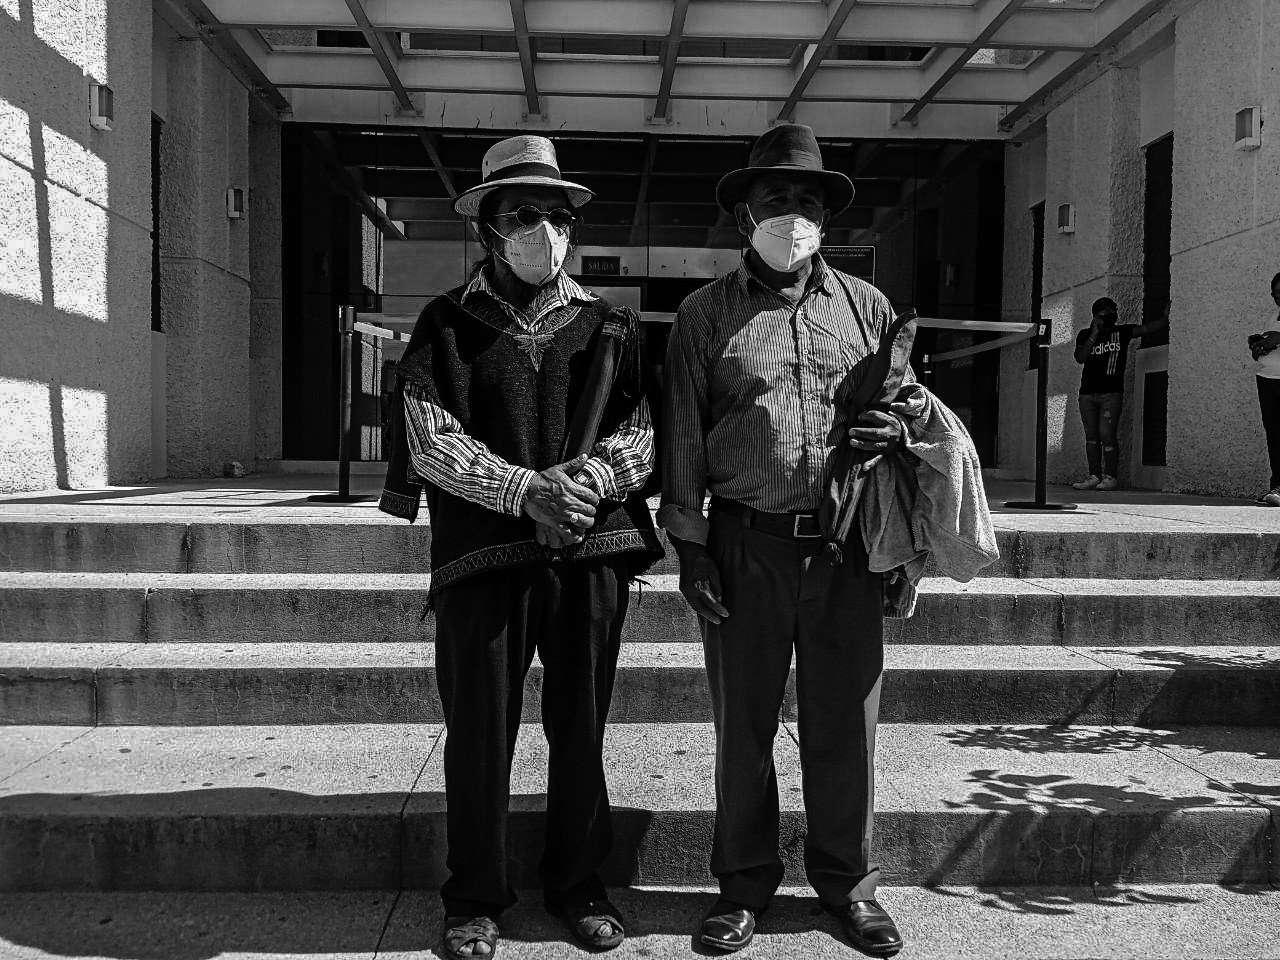 Rigoberto Juárez Mateo y Domingo Baltazar Hernández, autoridades ancestrales Maya Q'anjob'al